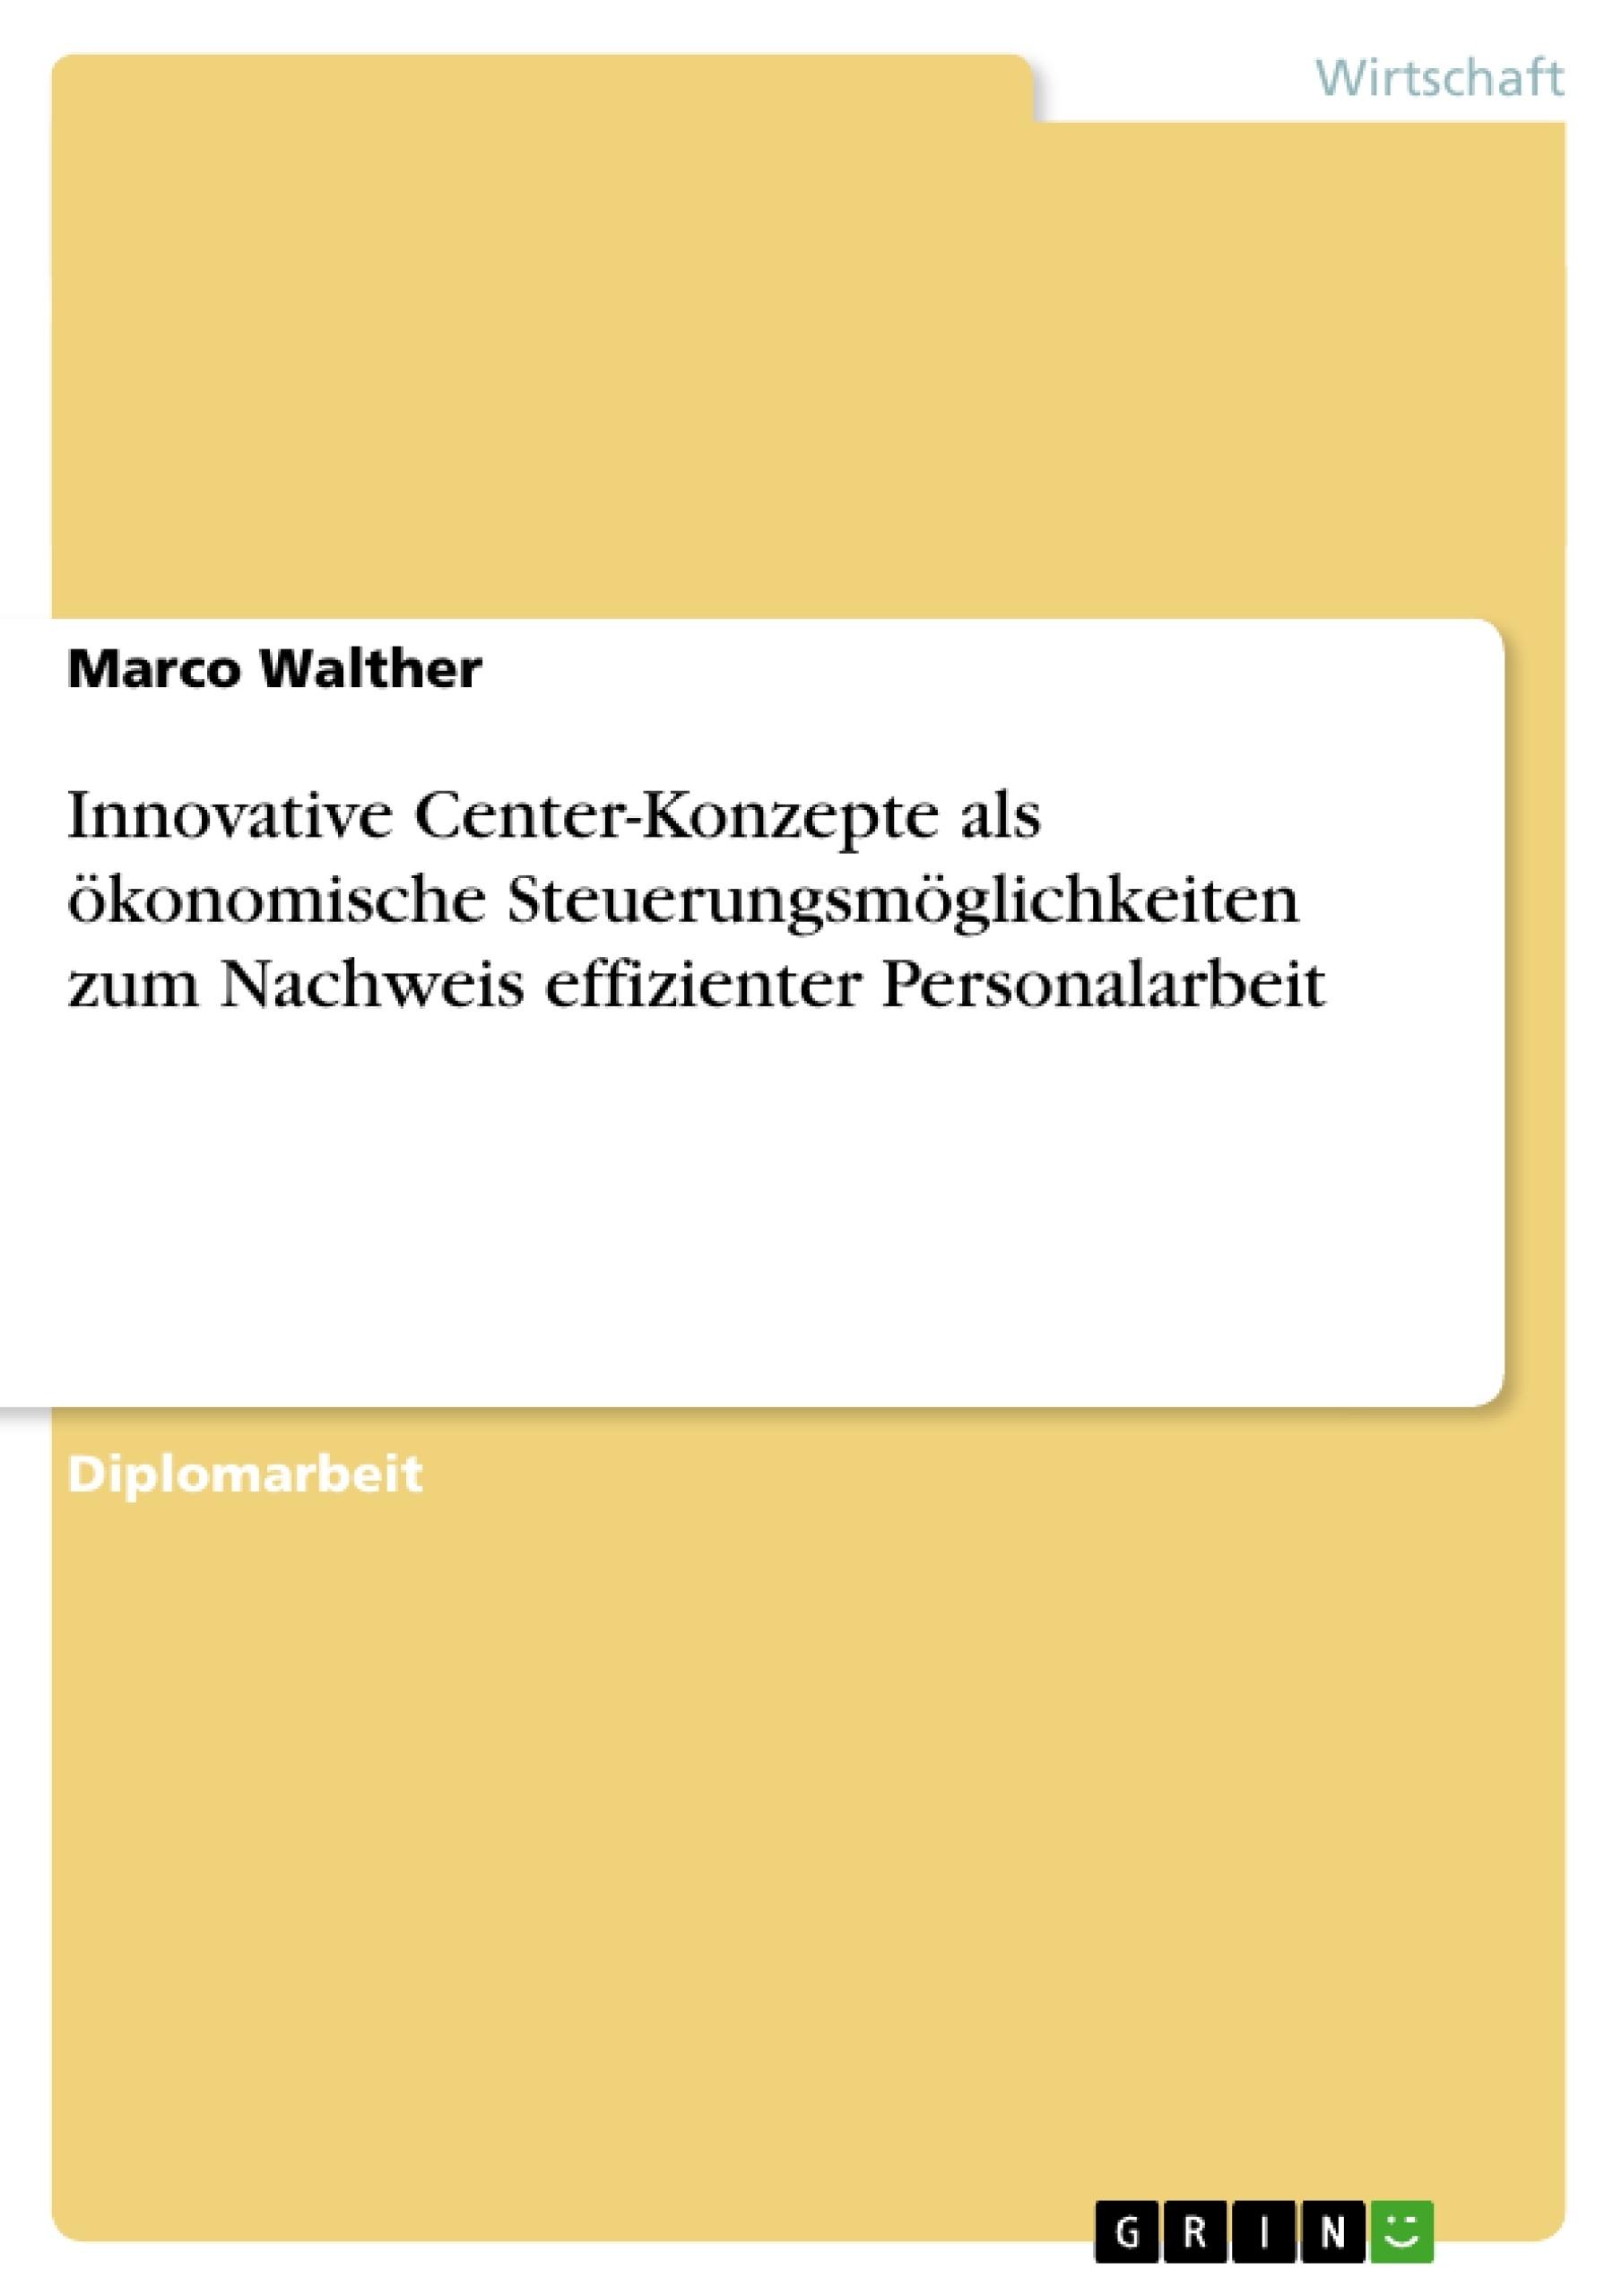 Titel: Innovative Center-Konzepte als ökonomische Steuerungsmöglichkeiten zum Nachweis effizienter Personalarbeit